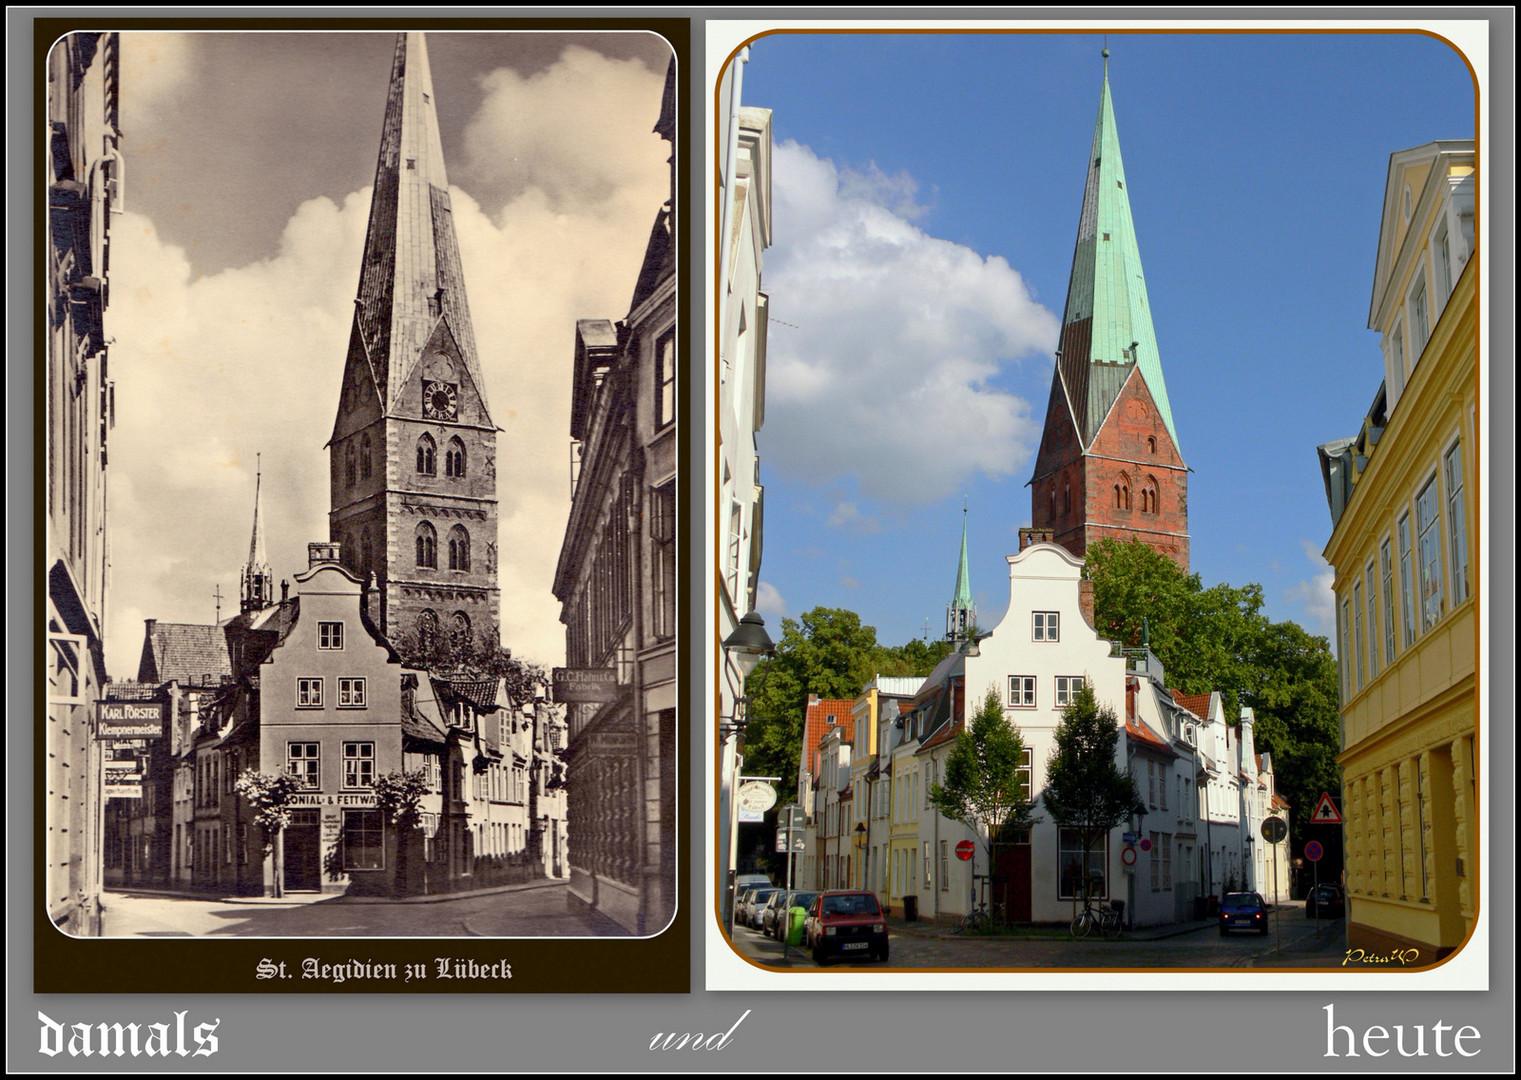 Lübeck - damals und heute